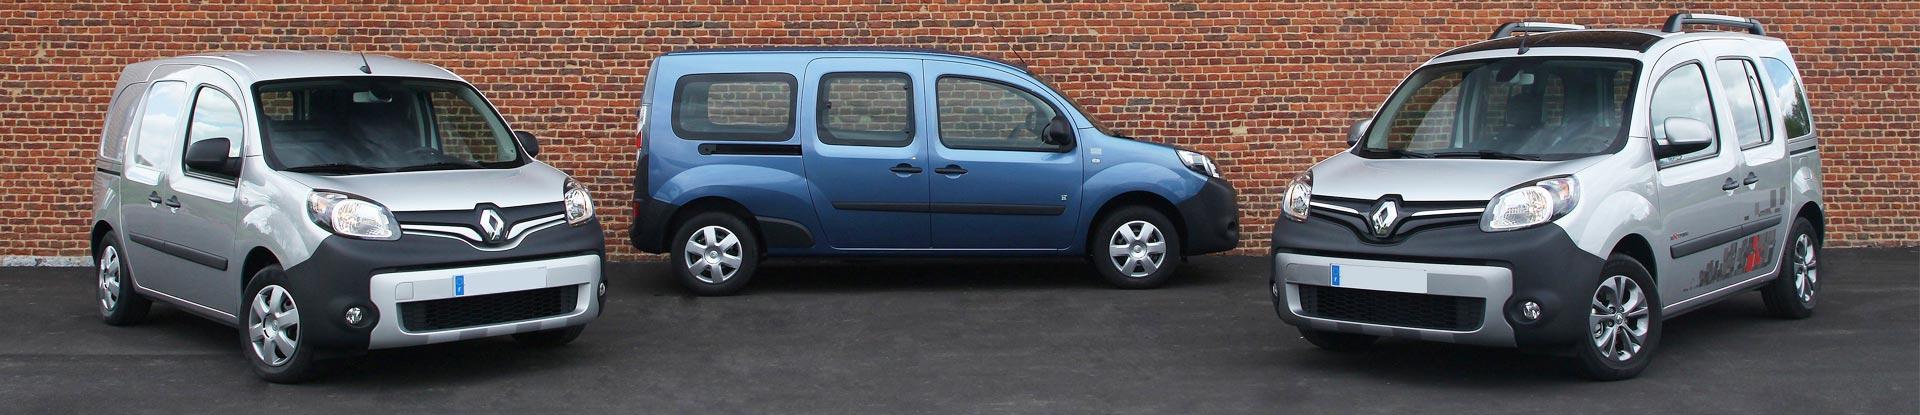 Renault Kangoo Rapid Transporter